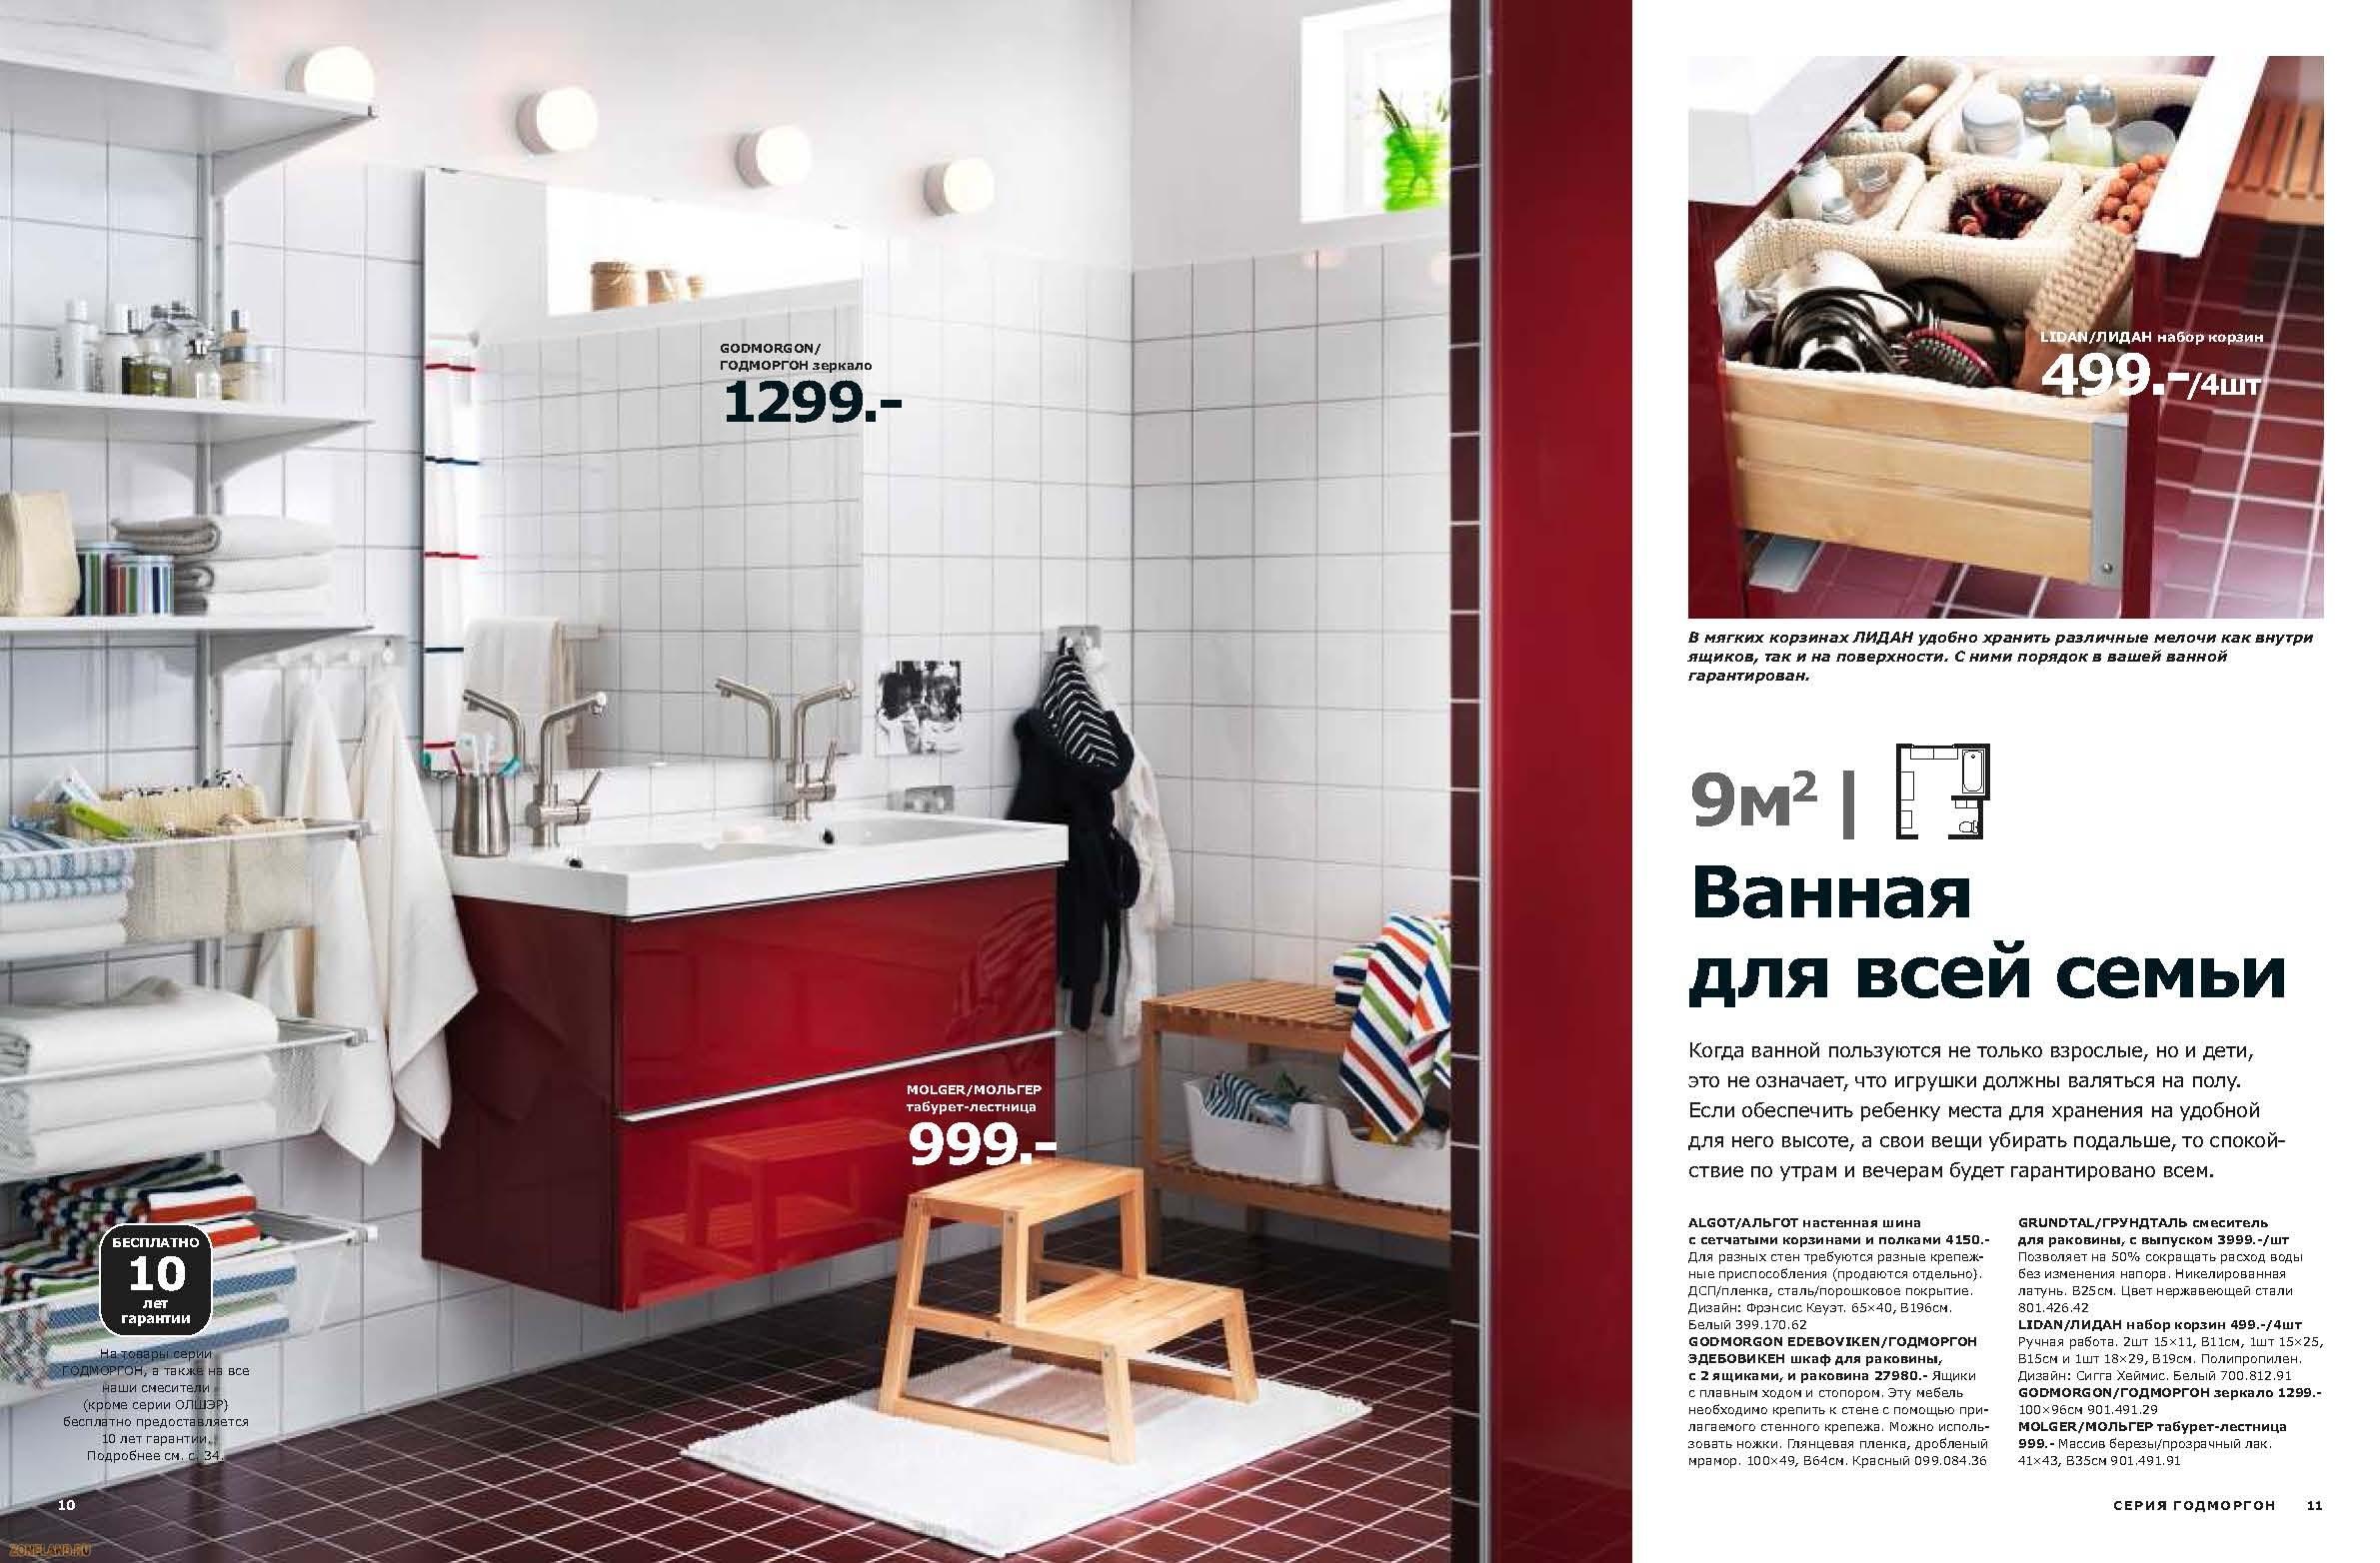 Именно поэтому мы создаем мебель для ванной, которая вмещает все, что нужно